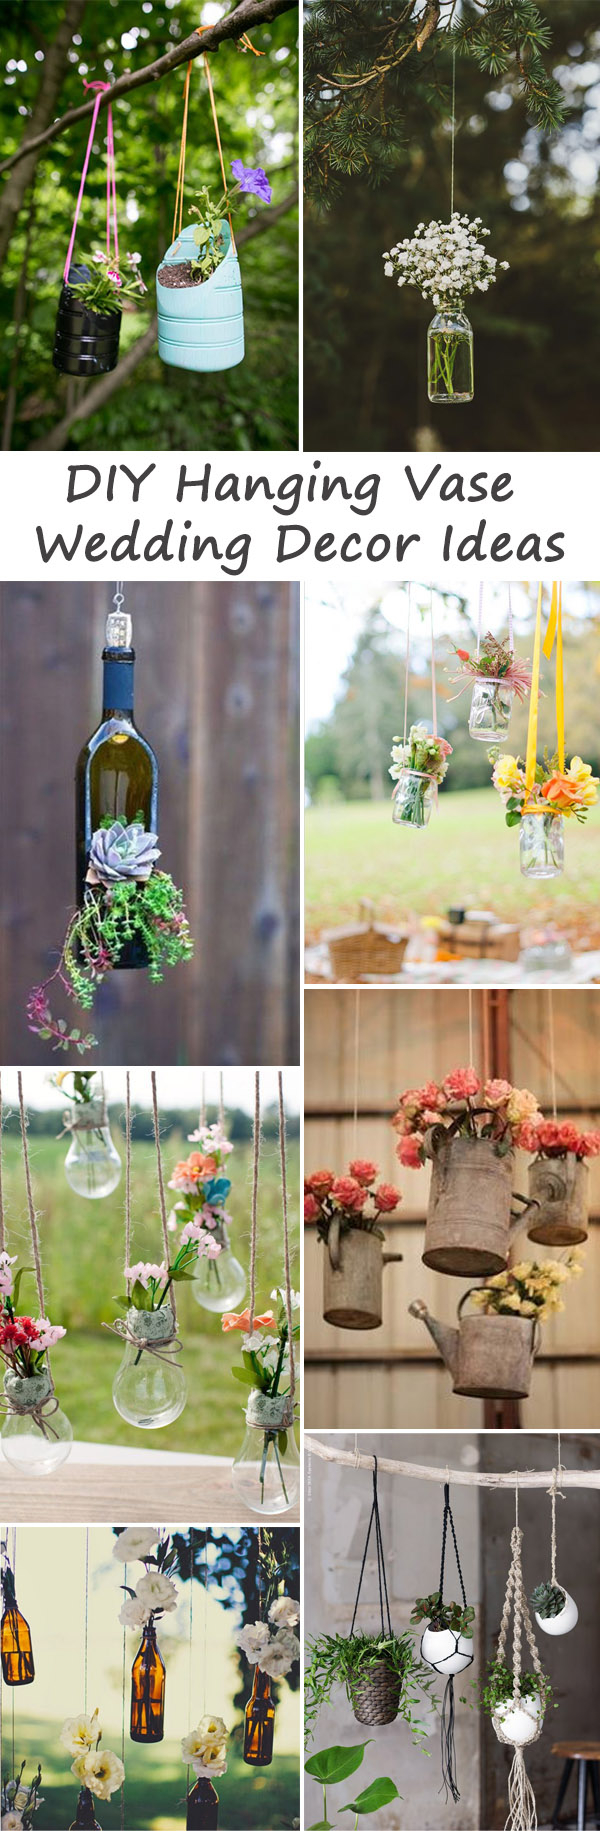 Wedding Decor Diy Ideas 28 Creative Budget Friendly Diy Wedding Decoration Ideas